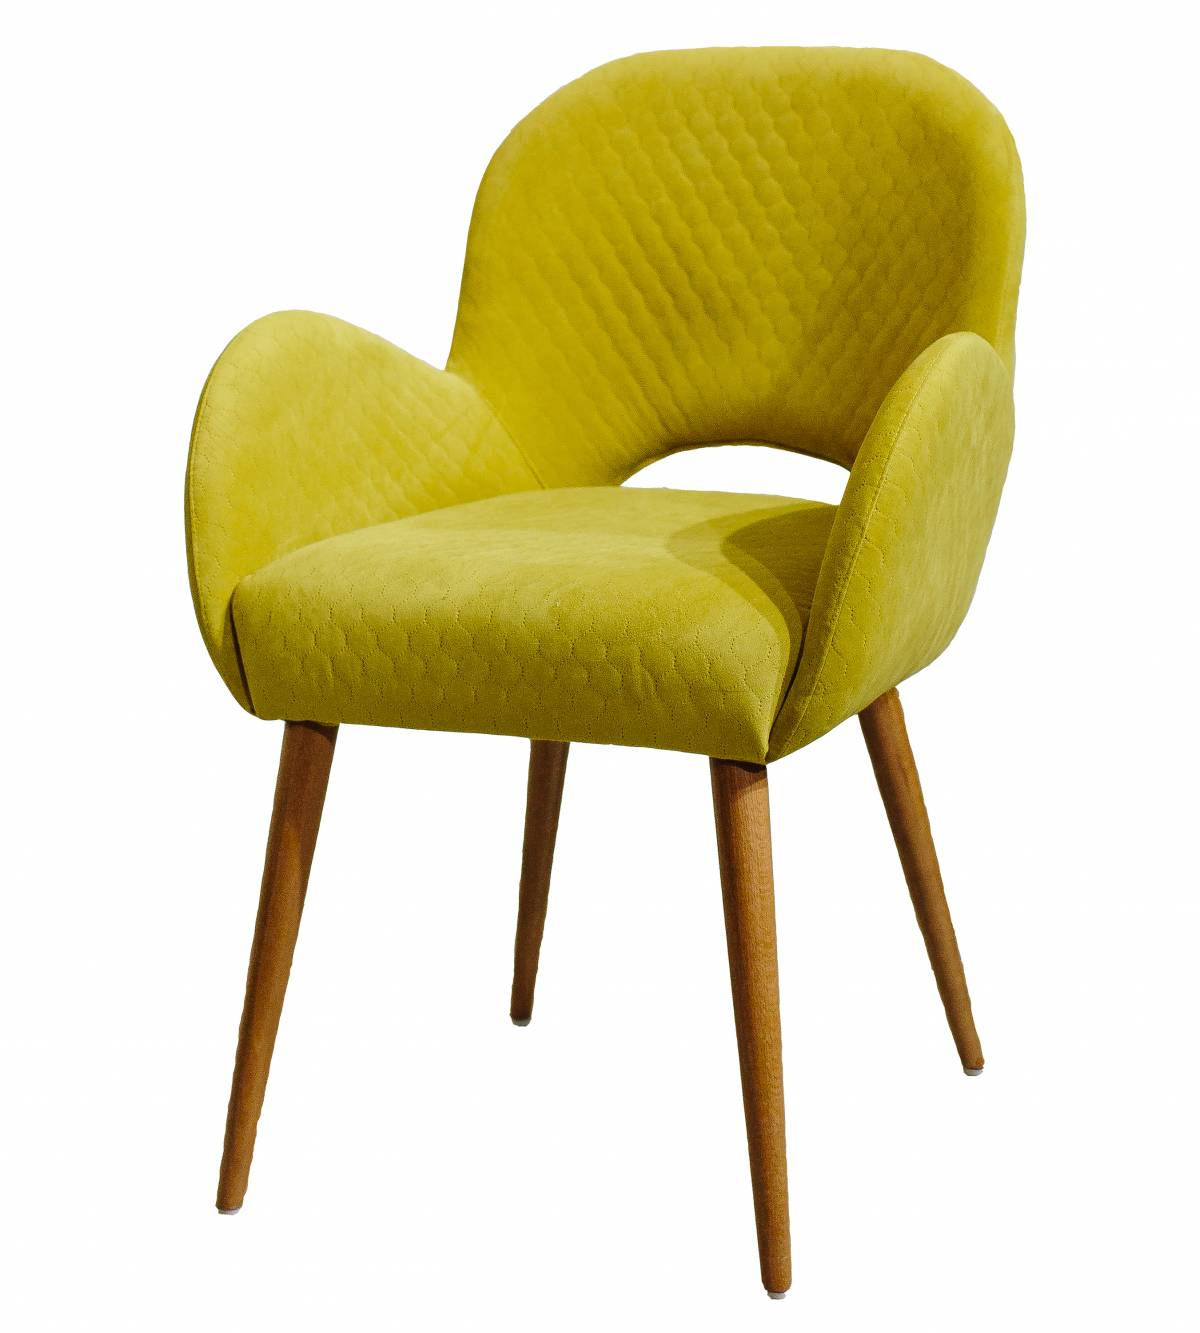 Купить кресло Aniva в Raroom